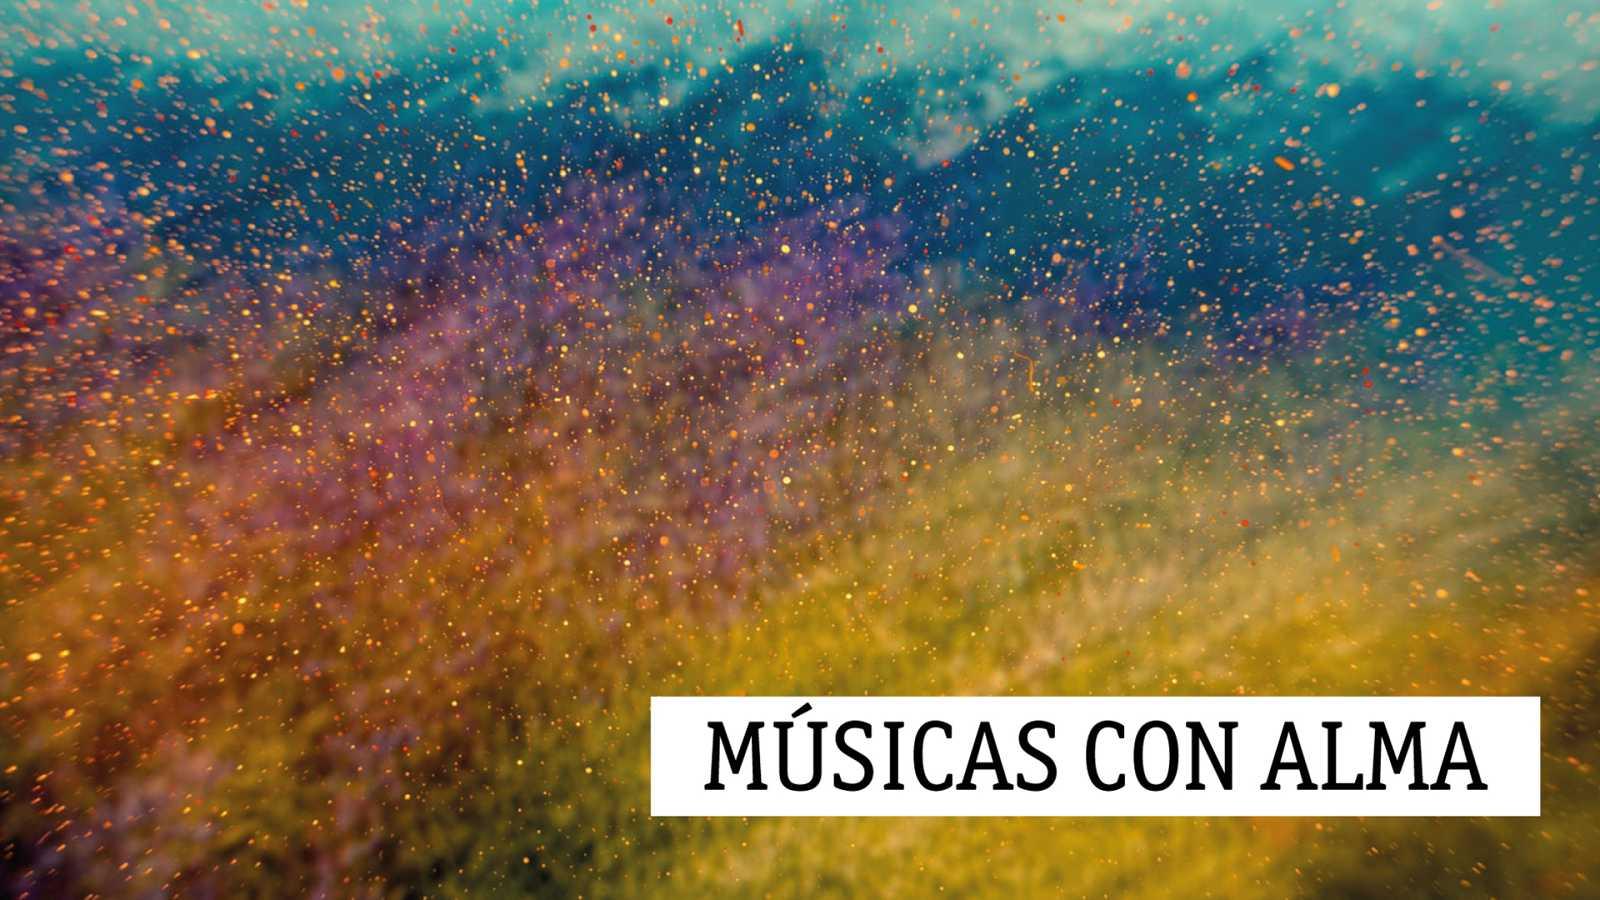 Músicas con alma - Resiliencia - 20/05/20 - escuchar ahora